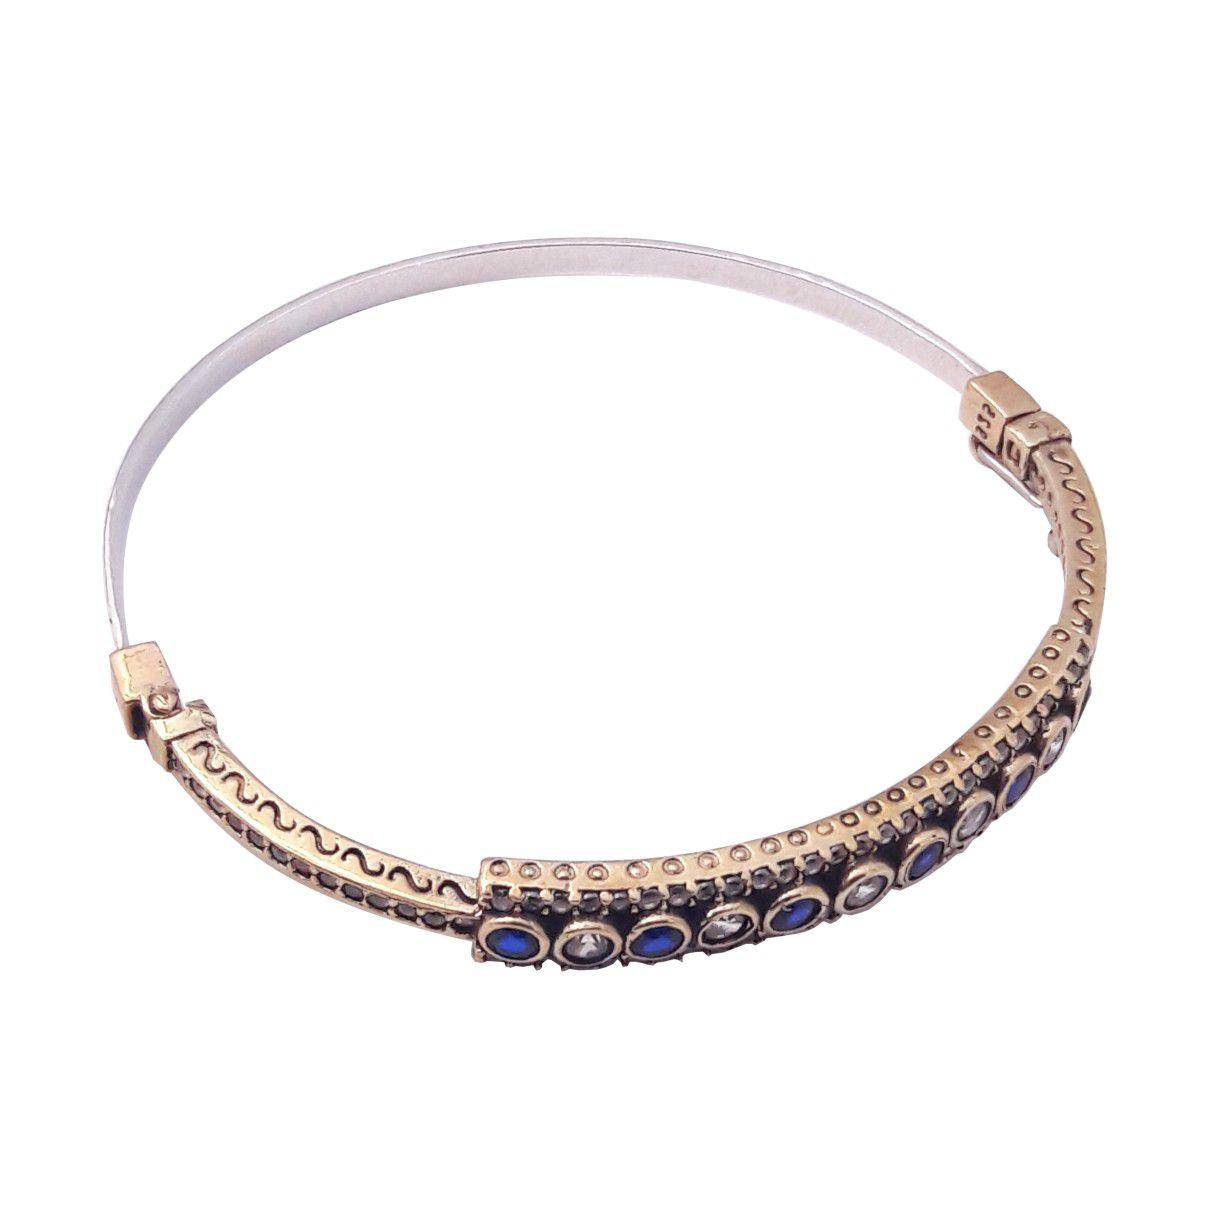 Bracelete Prata Turca 925 Cravejado com Zircônias Cristal e Safira